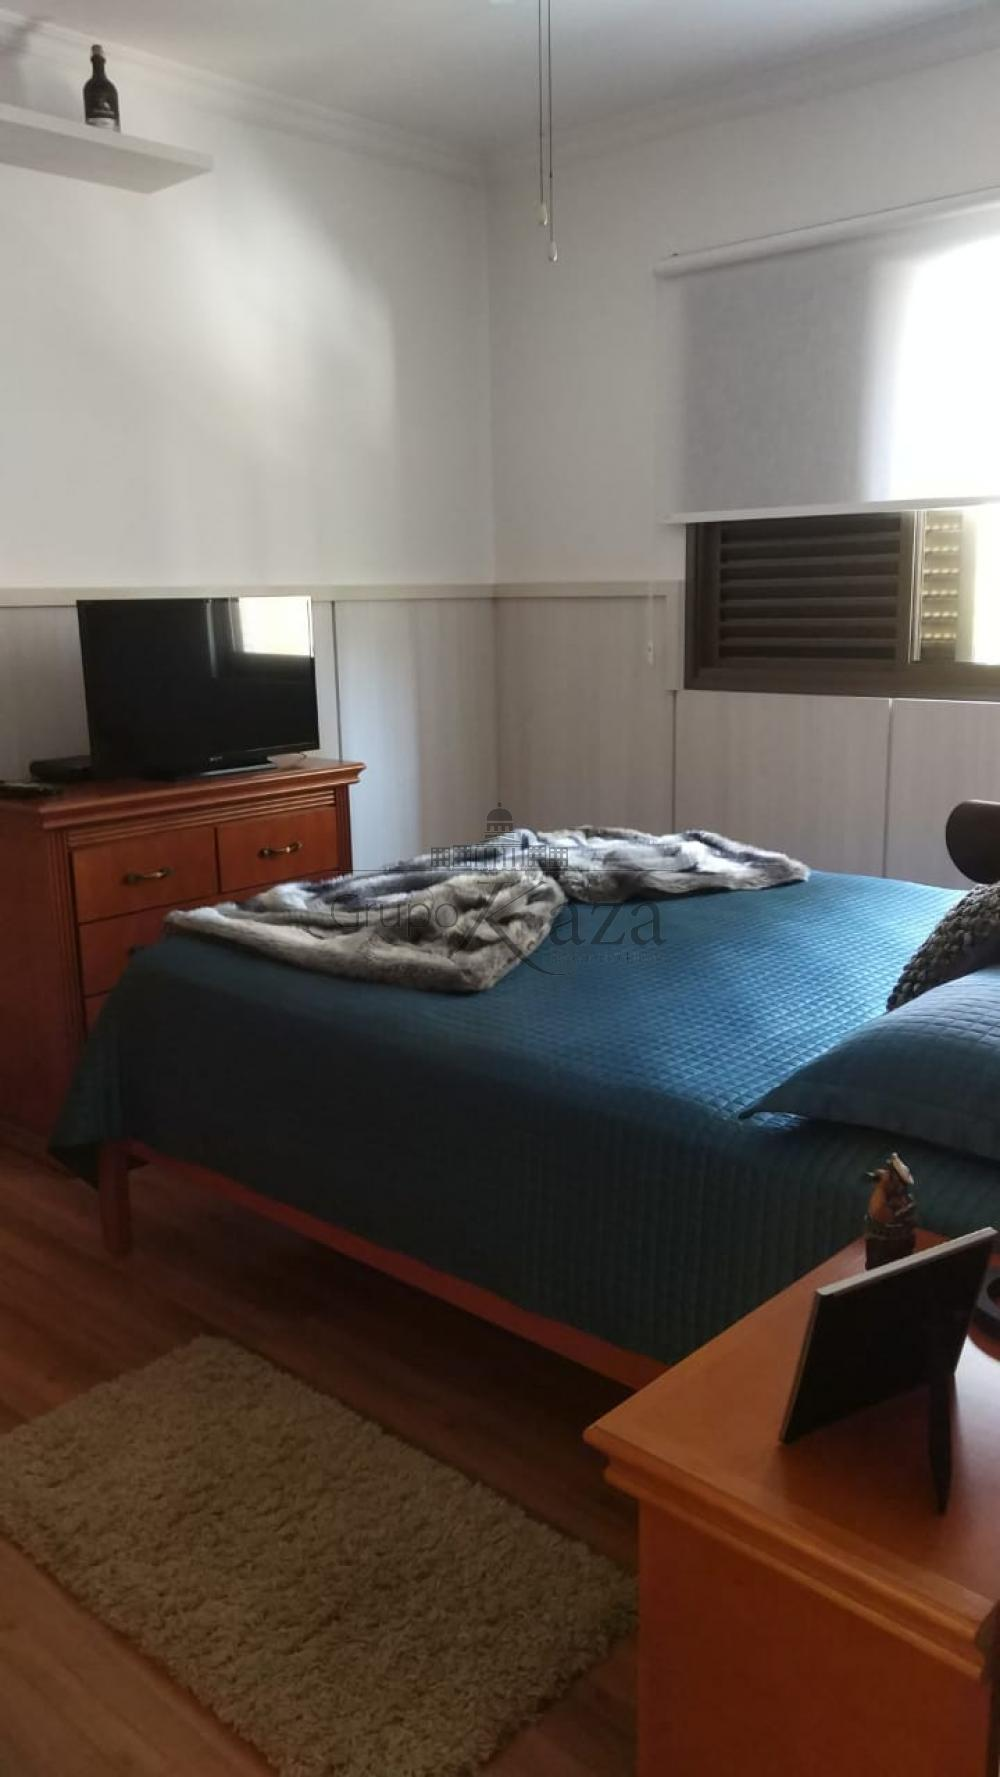 Comprar Apartamento / Padrão em São José dos Campos apenas R$ 1.500.000,00 - Foto 65